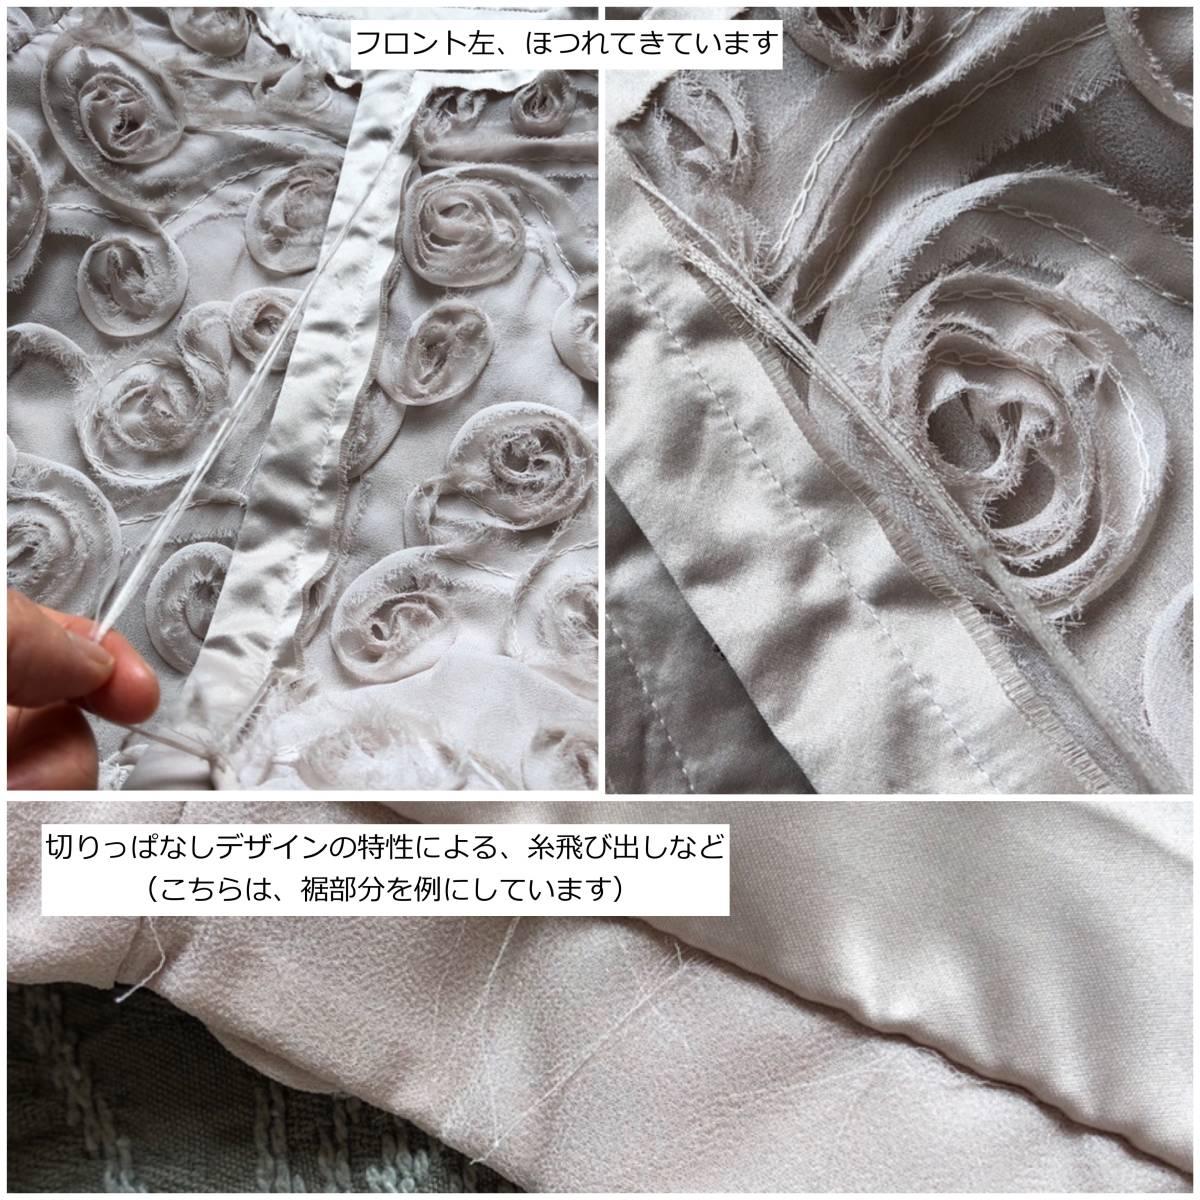 ピンクベージュ ノーカラージャケット ショート丈 S-Mの方に ローズ薔薇いっぱい *上品フェミニンお呼ばれボレロ好き 難ありリメイク素材_画像9